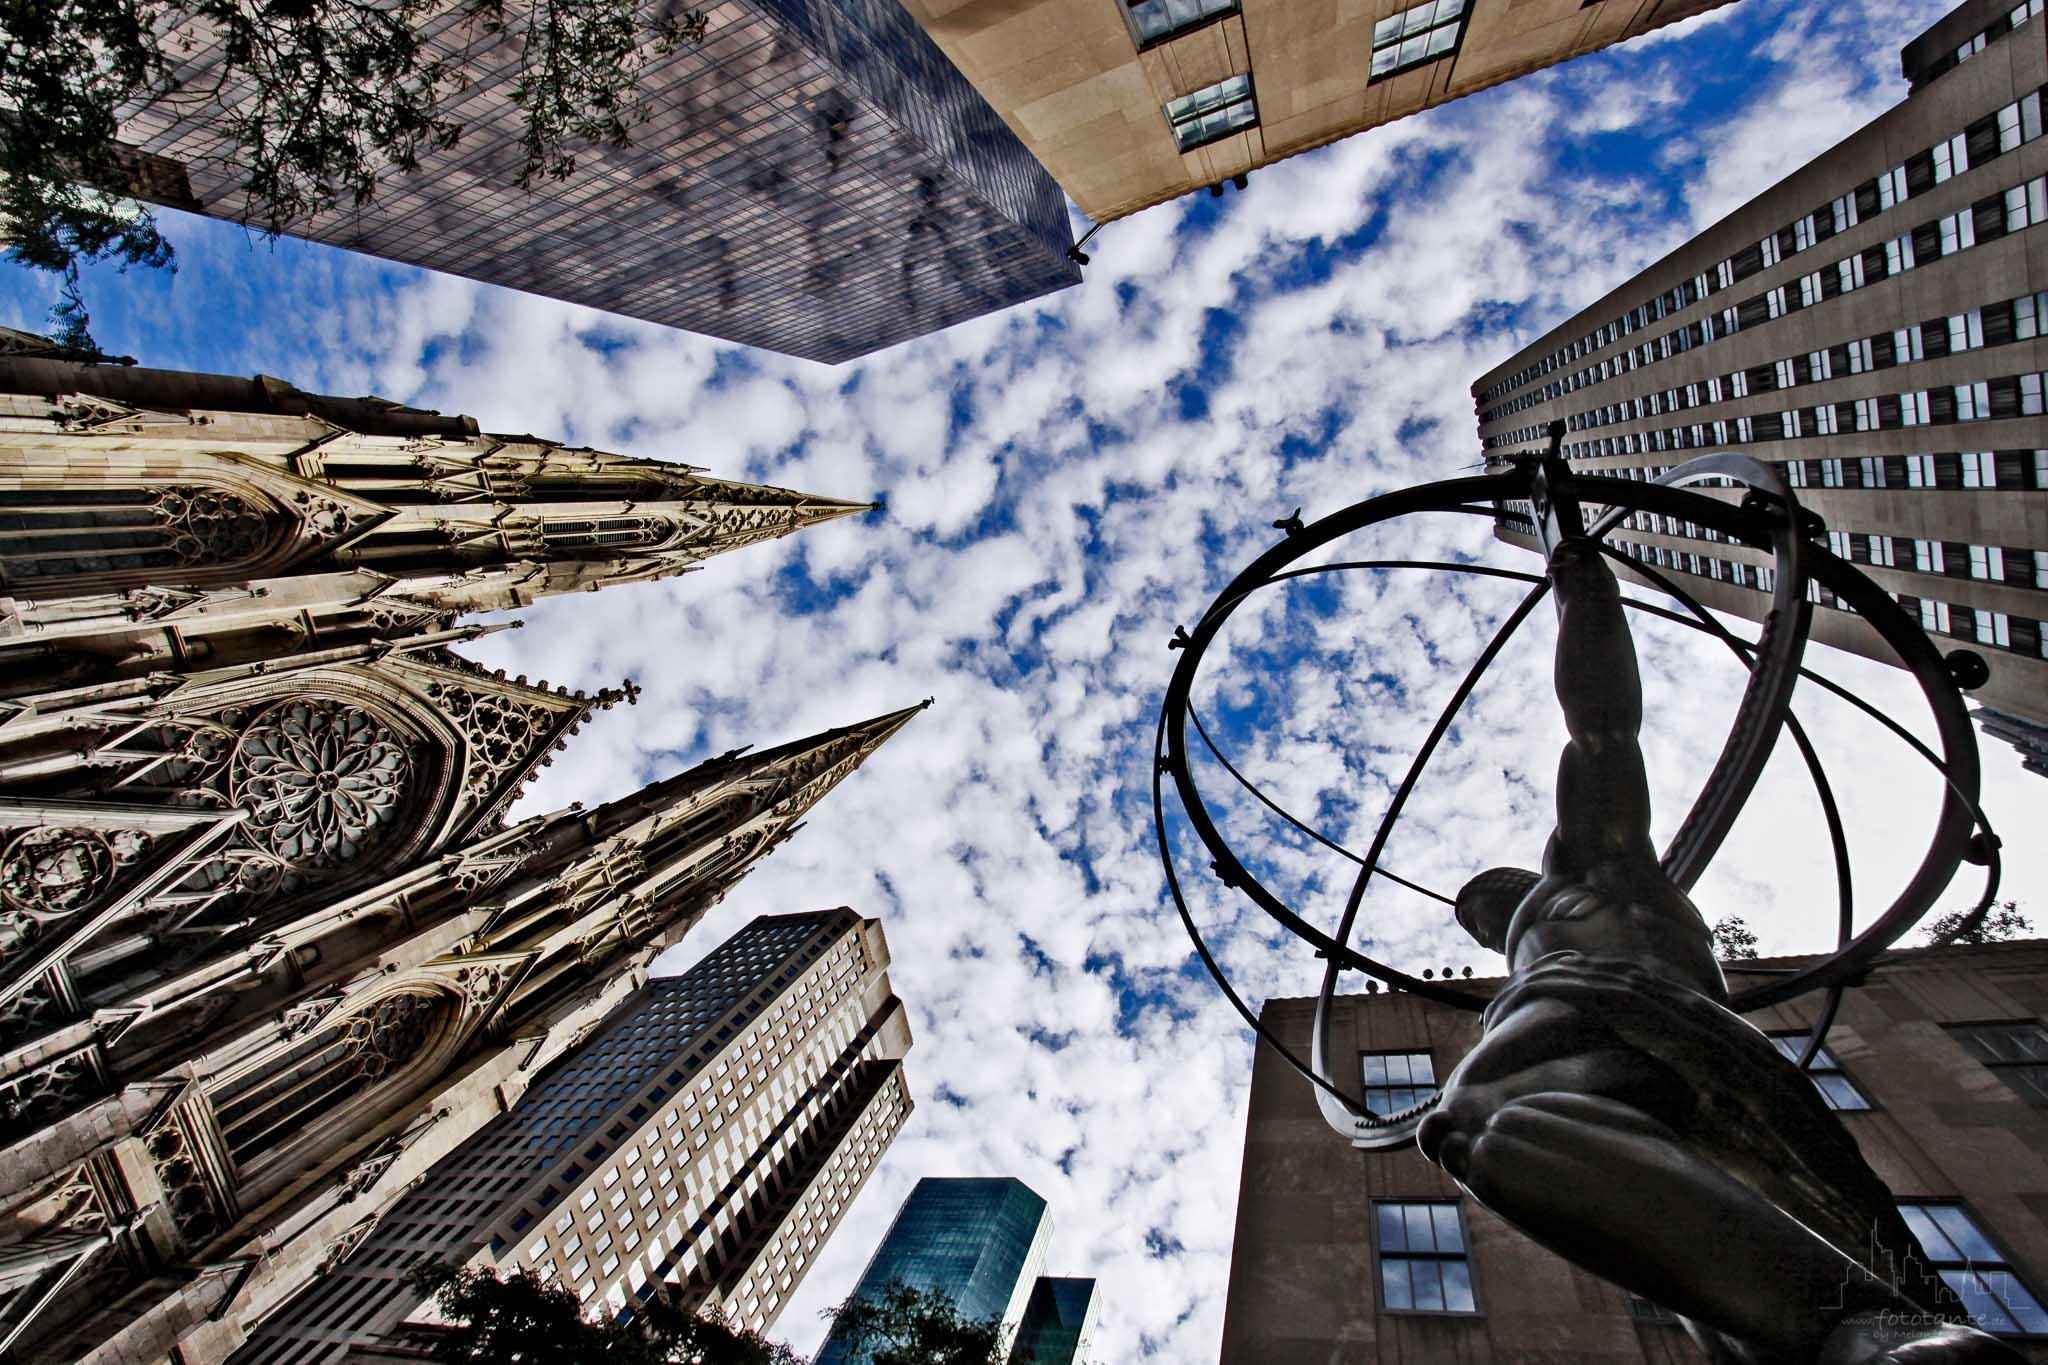 Atlas statue at the Rockefeller Center, USA